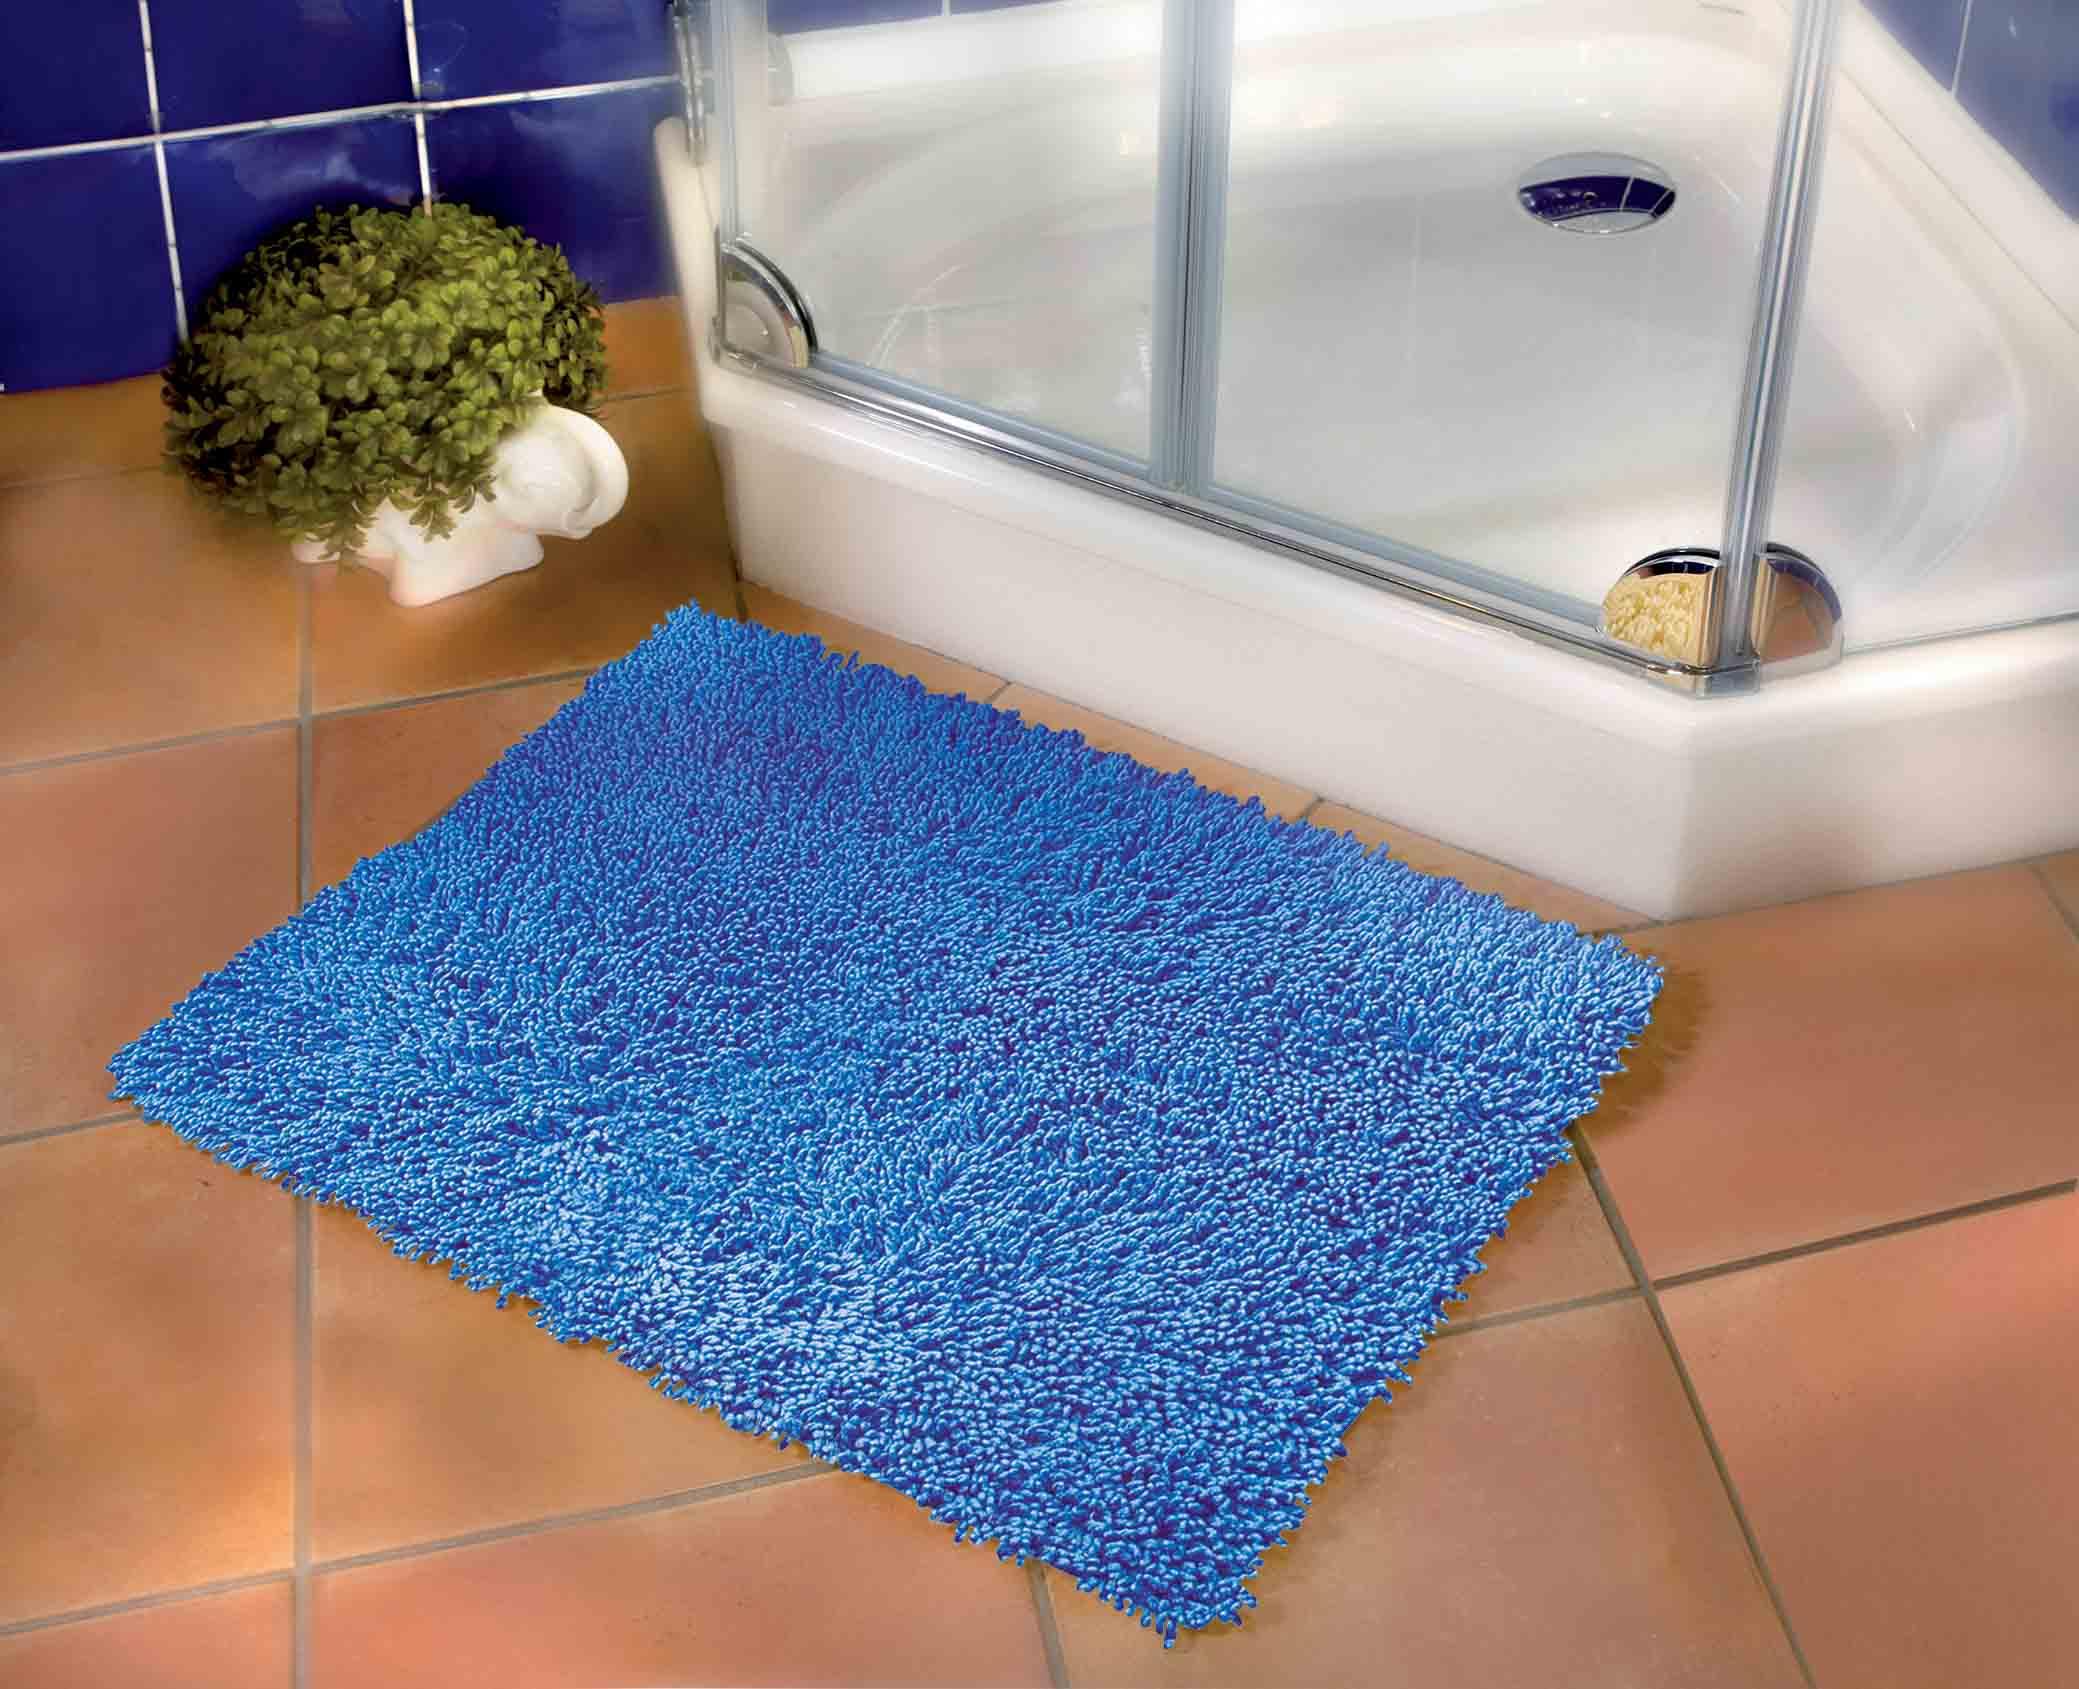 Fluffy bathroom rugs